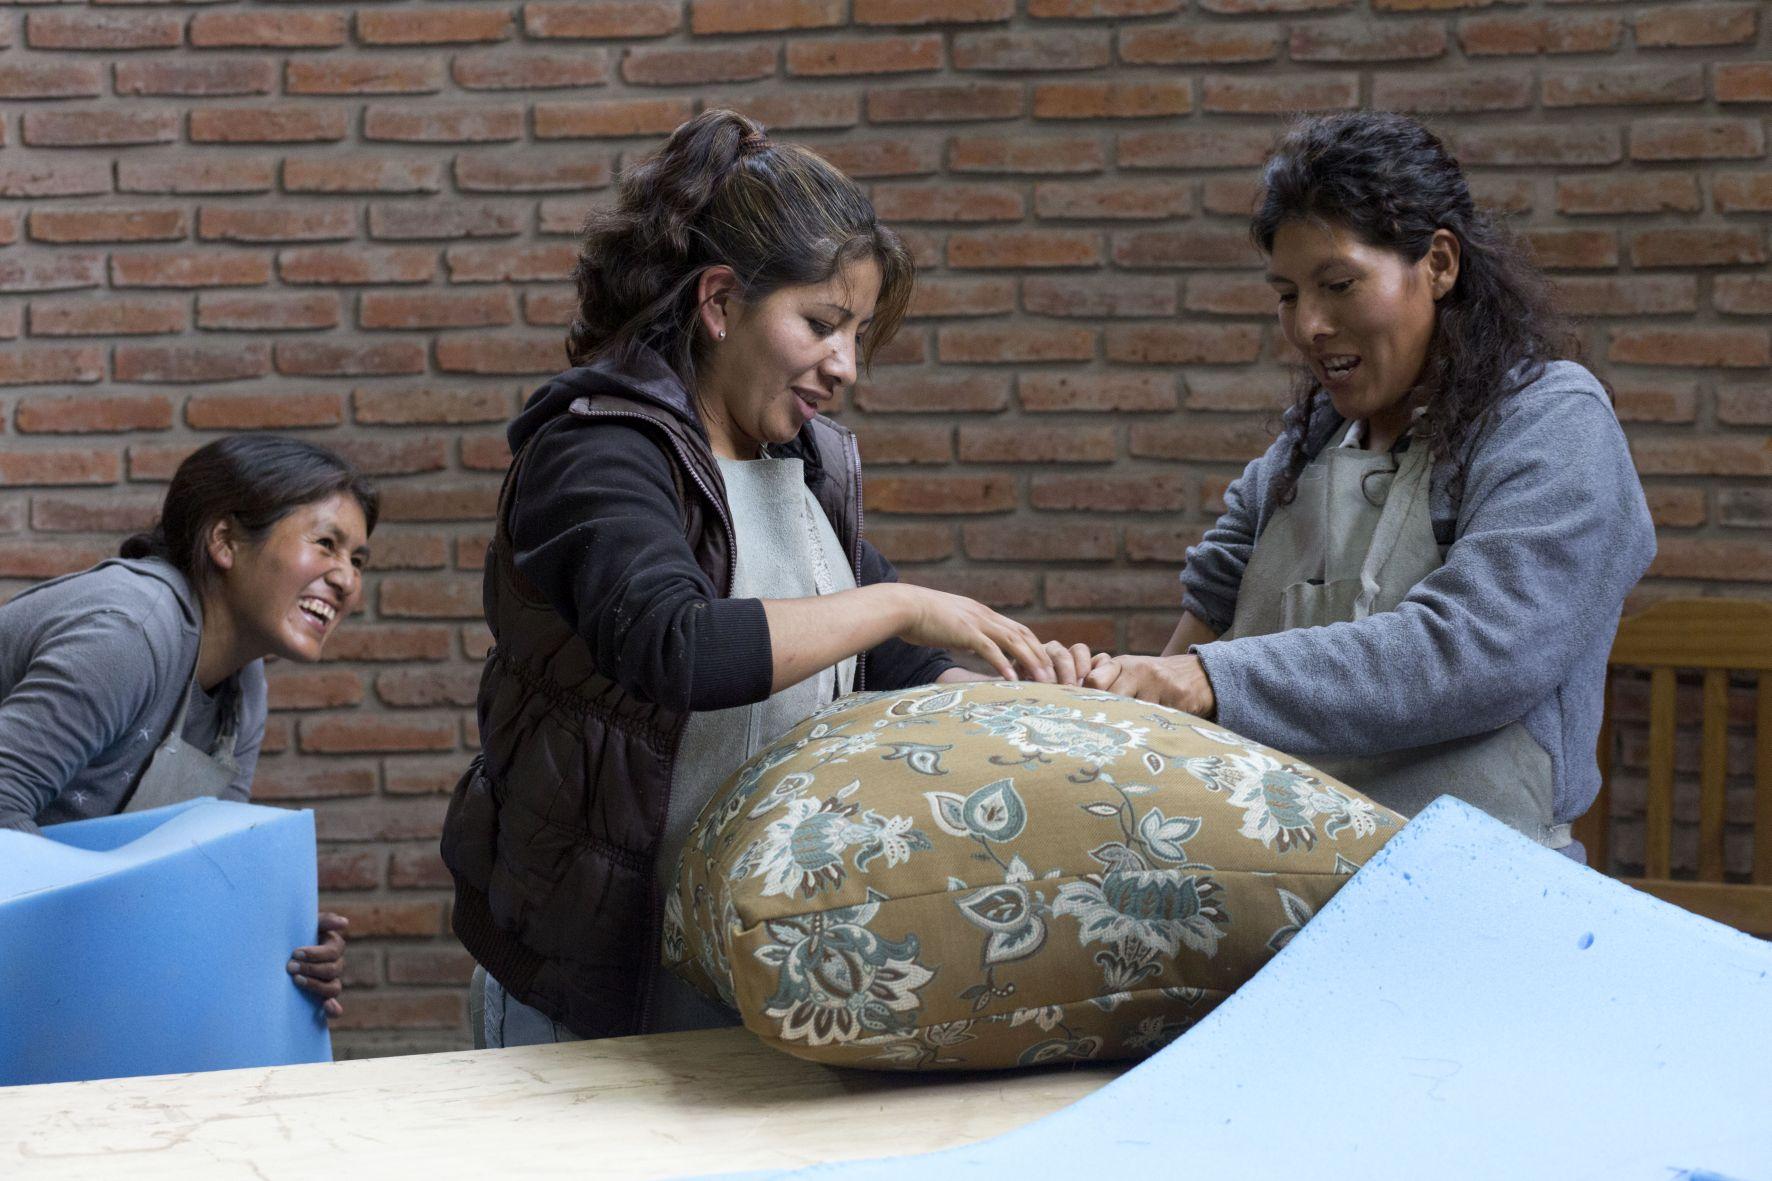 12.11.2015 BOL Bolivien Sucre - Organisation CJA in Sucre, Bolivien (Centro Juana Azurduy) - Ausbildunszentrum CETA - Polsterei - Cipriana Quiroga Yebara, 30 Jahre (rechts)